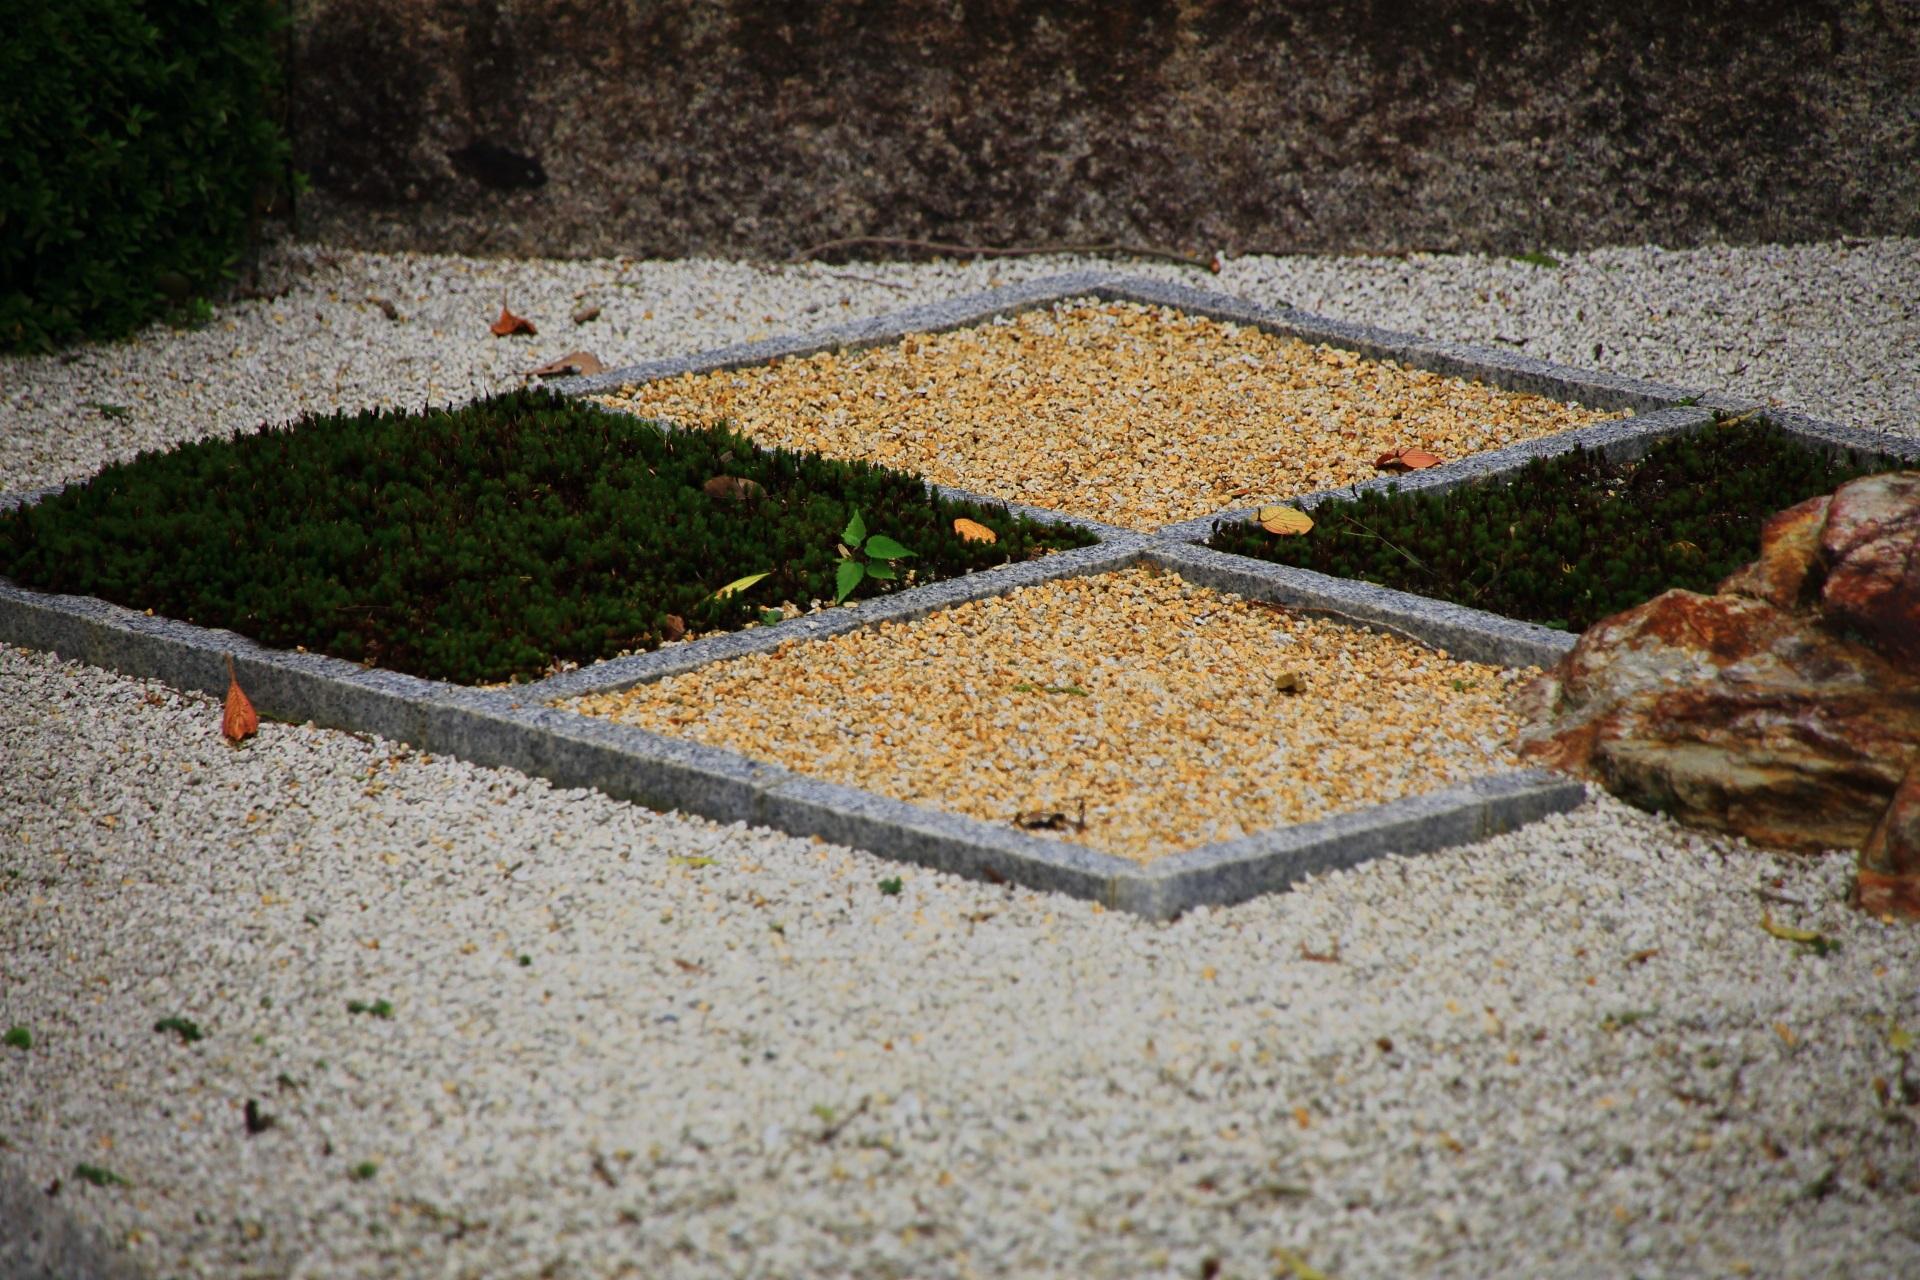 苔も用いられた随縁の庭